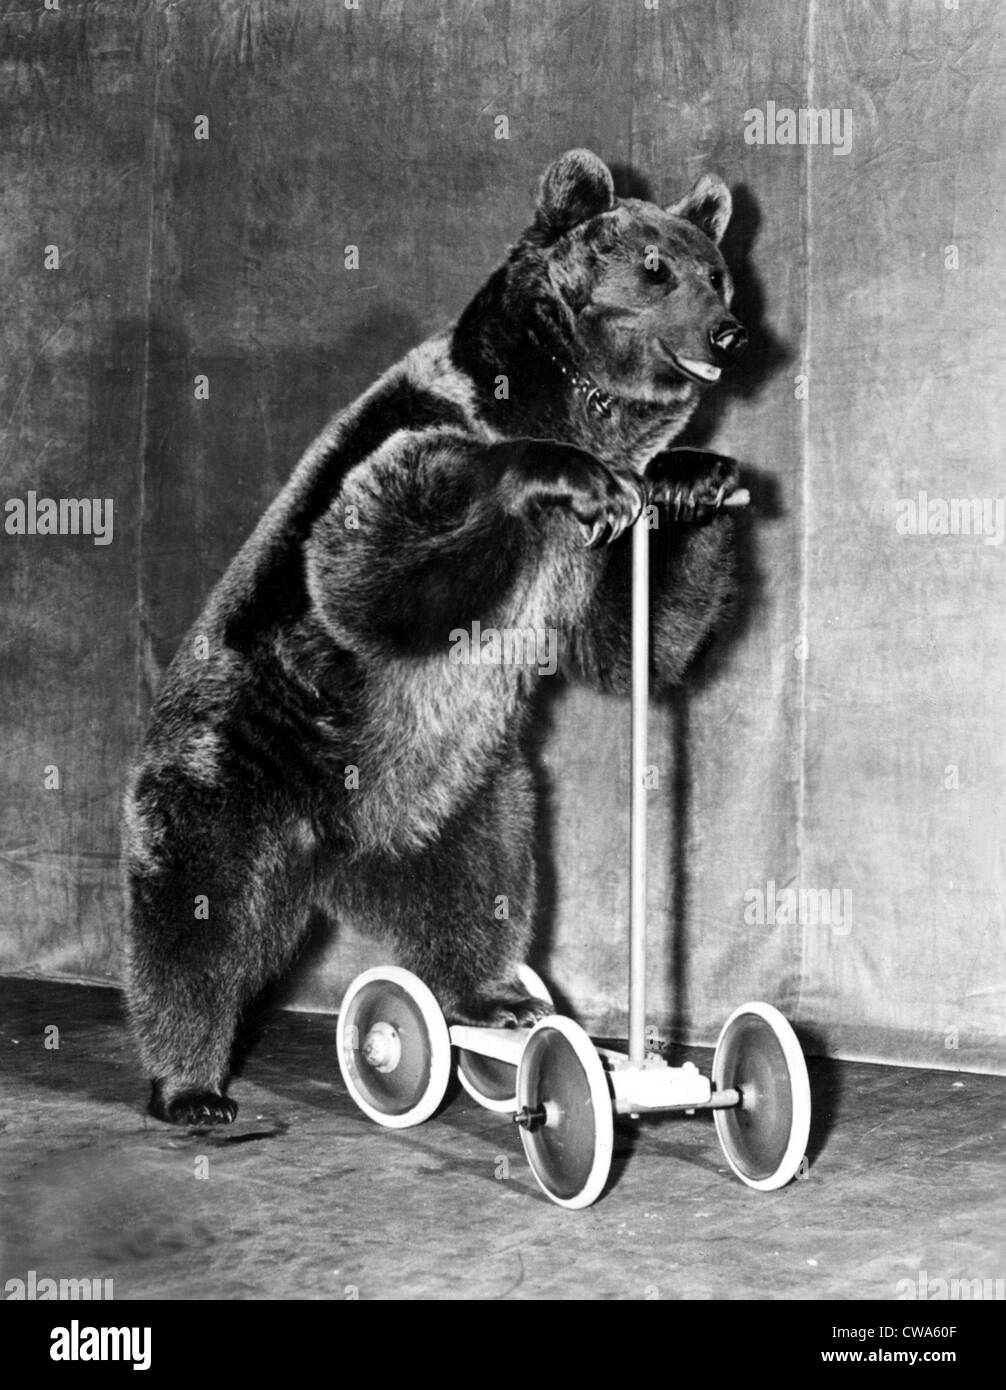 Circus recare dal 1942.. La cortesia: CSU Archivi / Everett Collection Immagini Stock